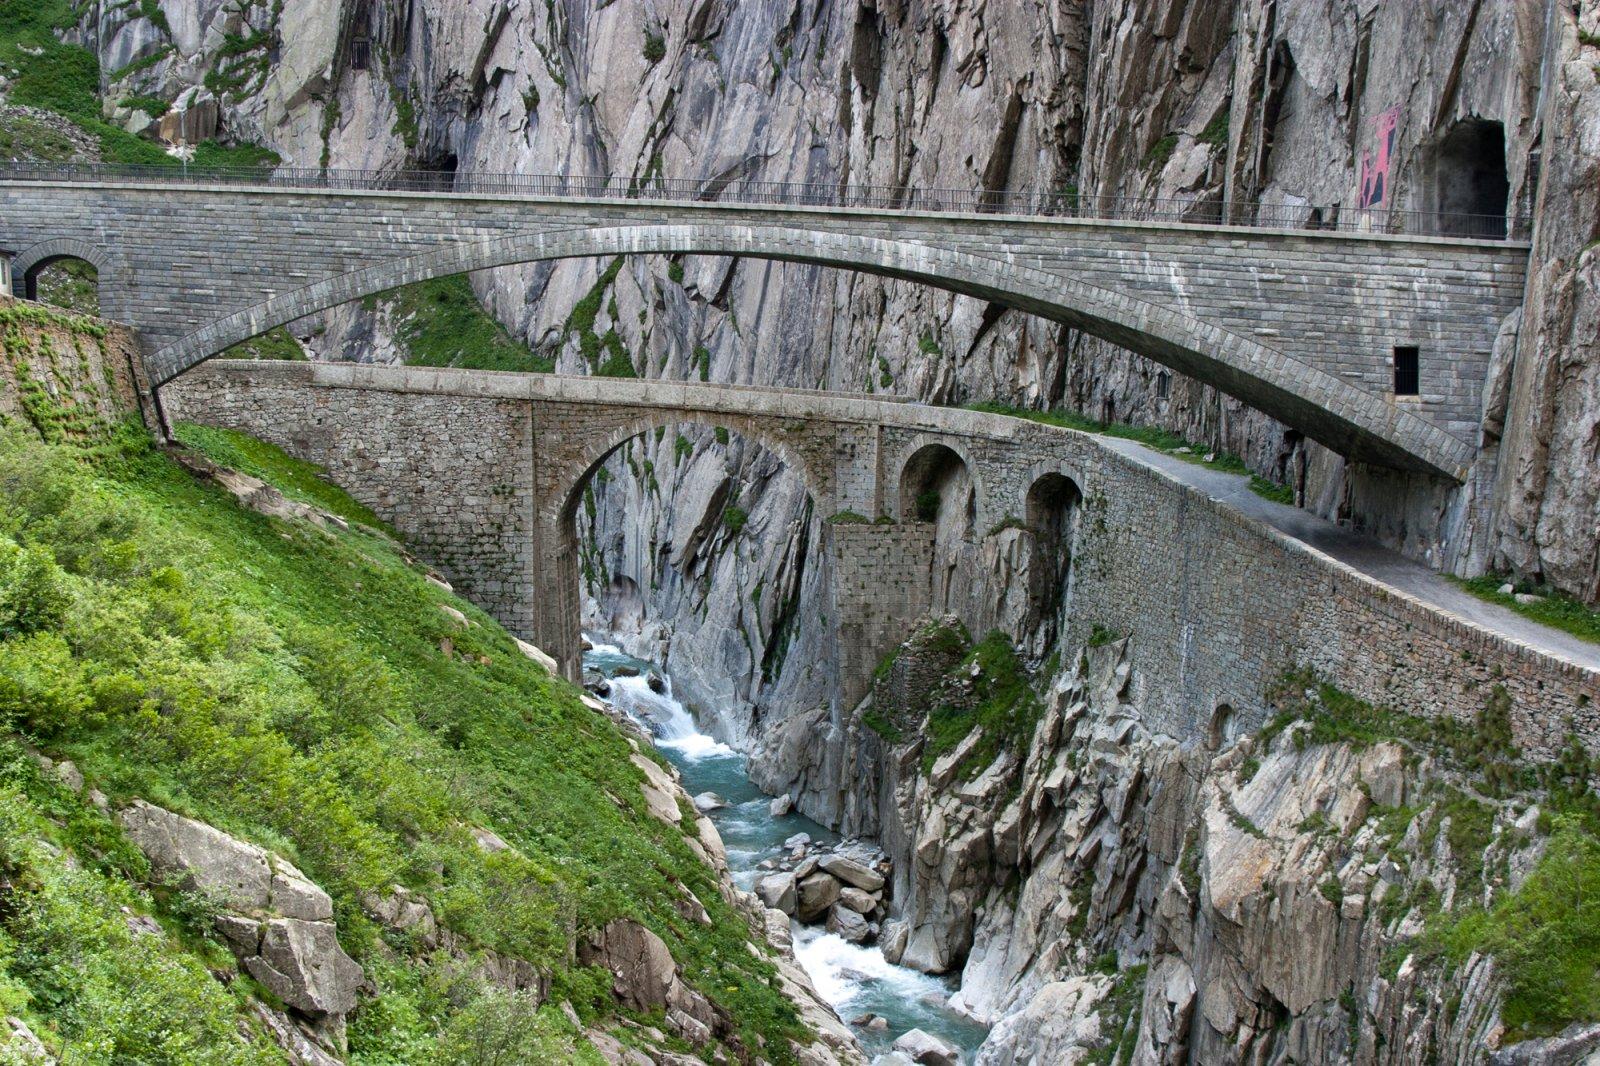 Old and new Devil's Bridge in Göschenen, Switzerland